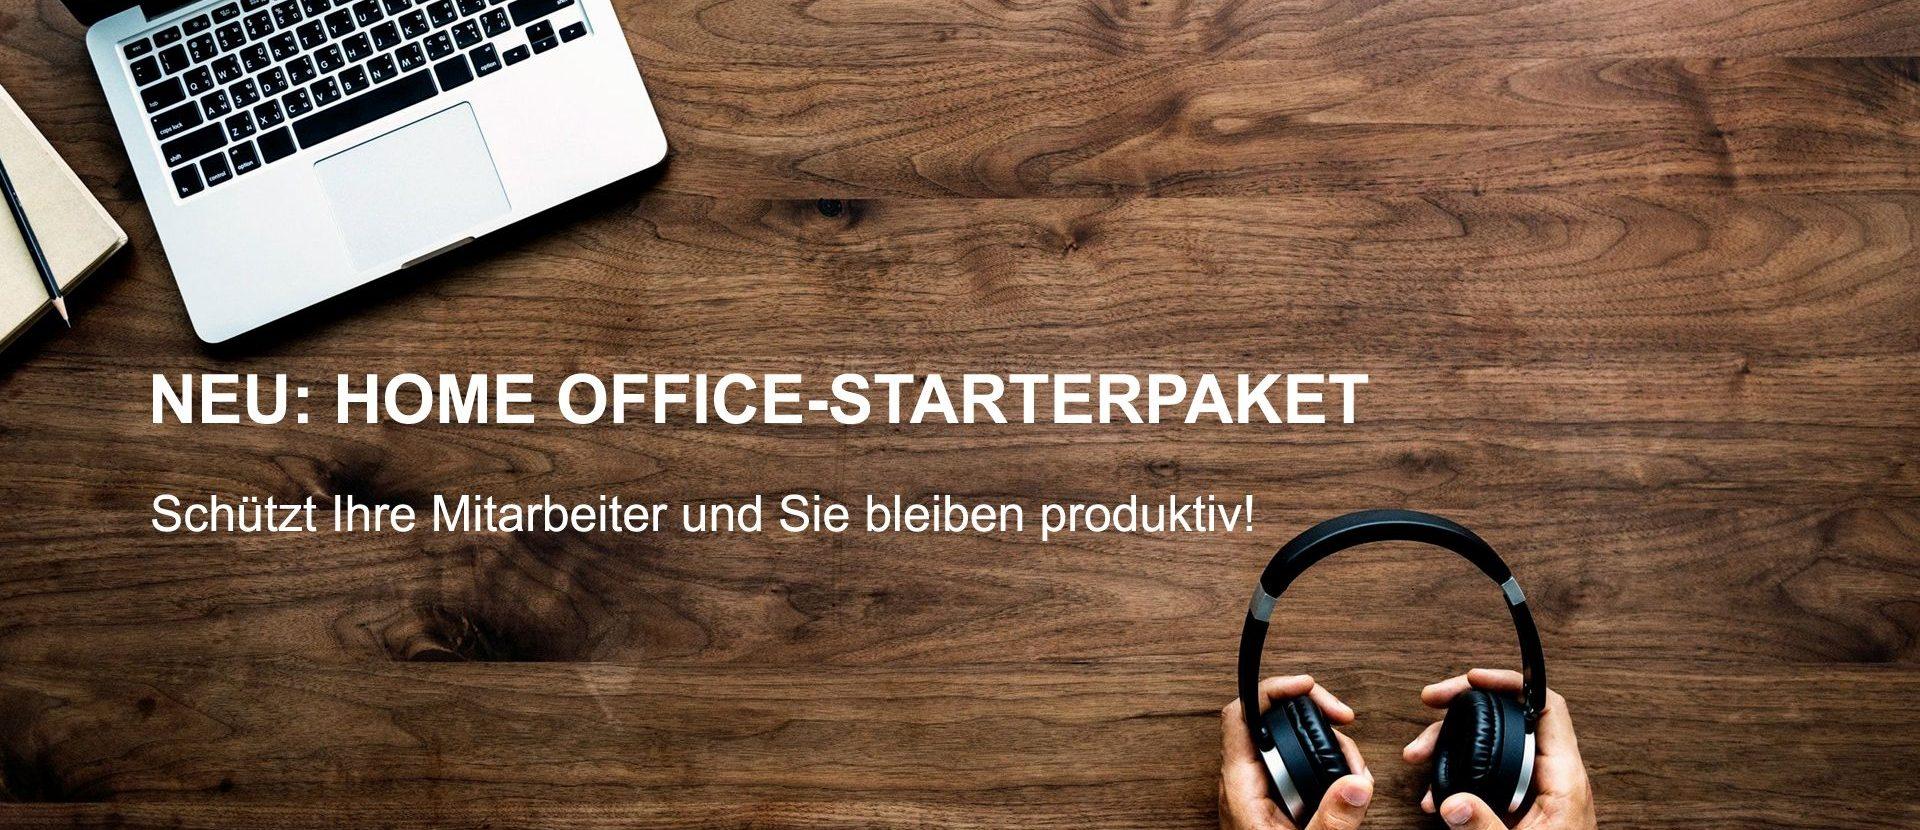 Home Office Starterpaket